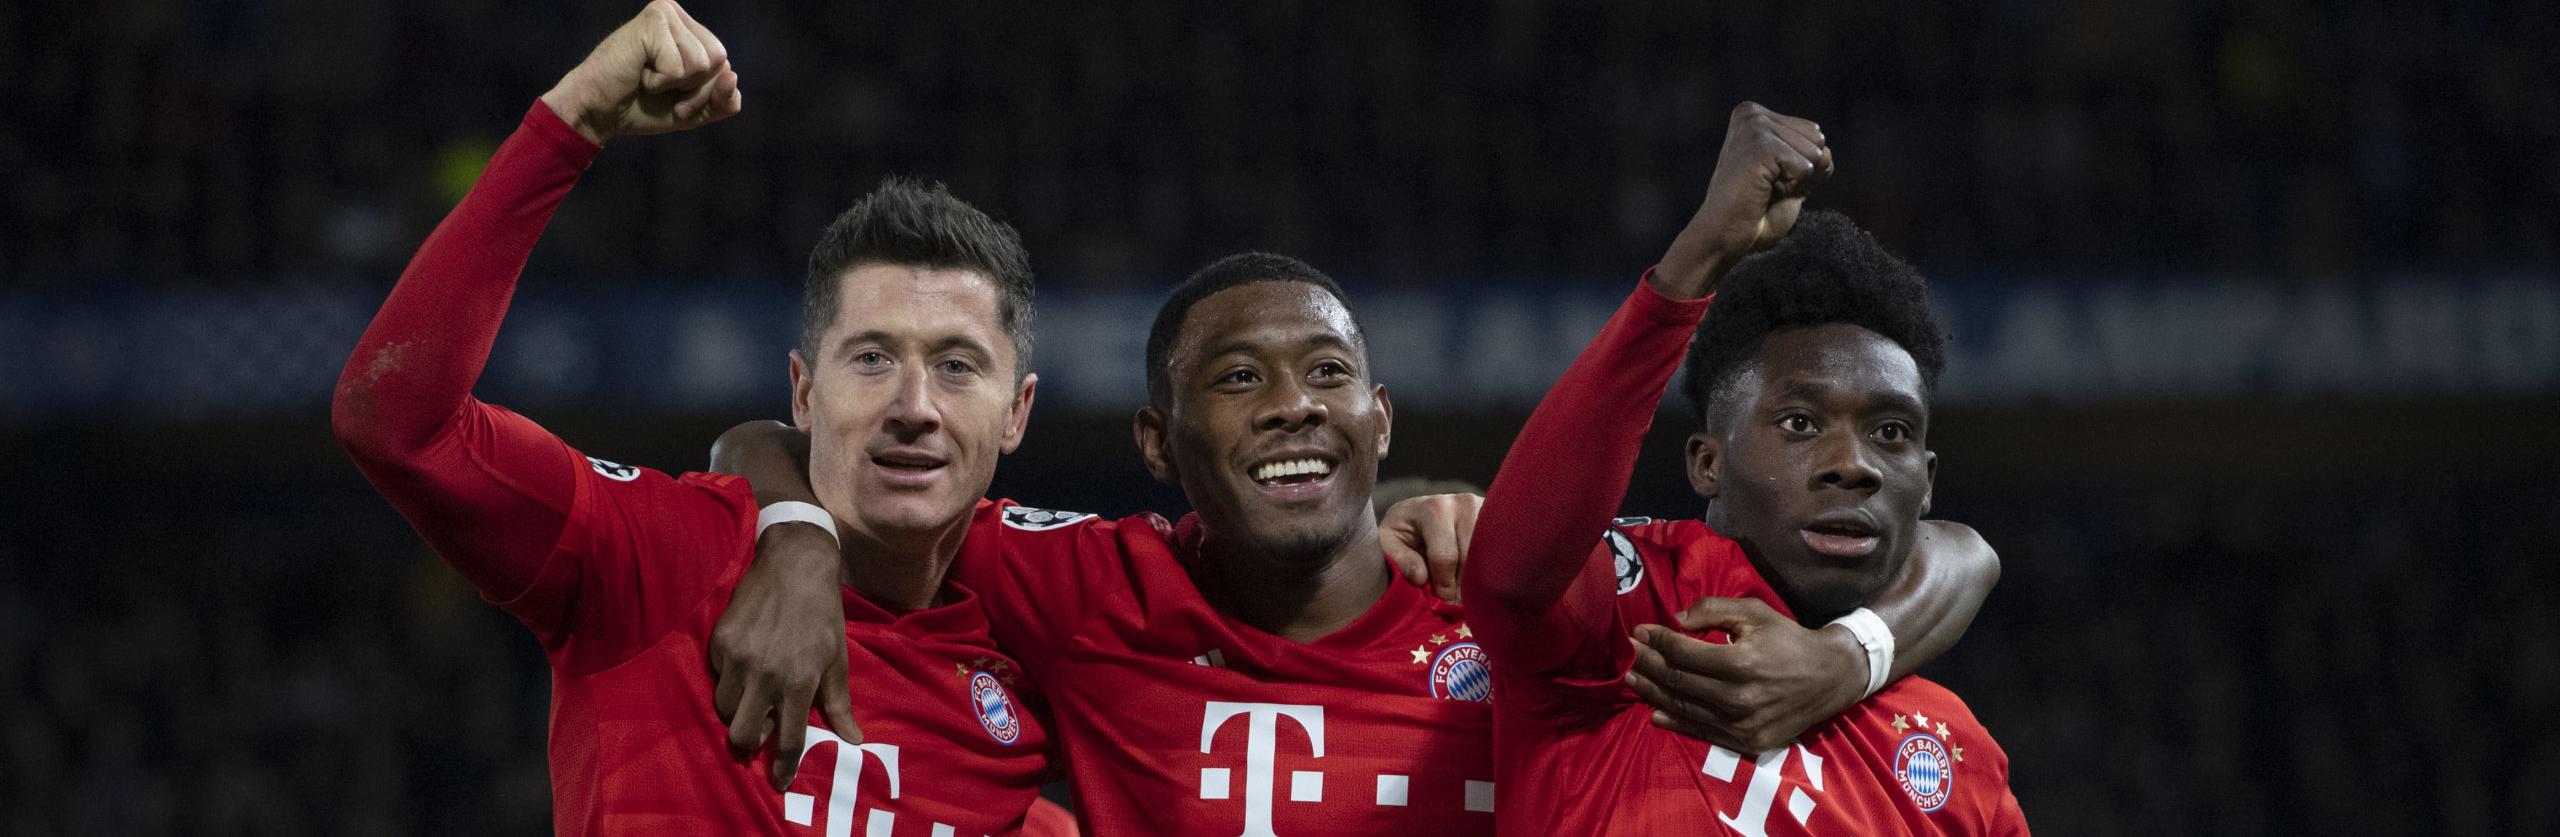 Le squadre più costose d'Europa: City primo, Juve ottava e il Bayern...